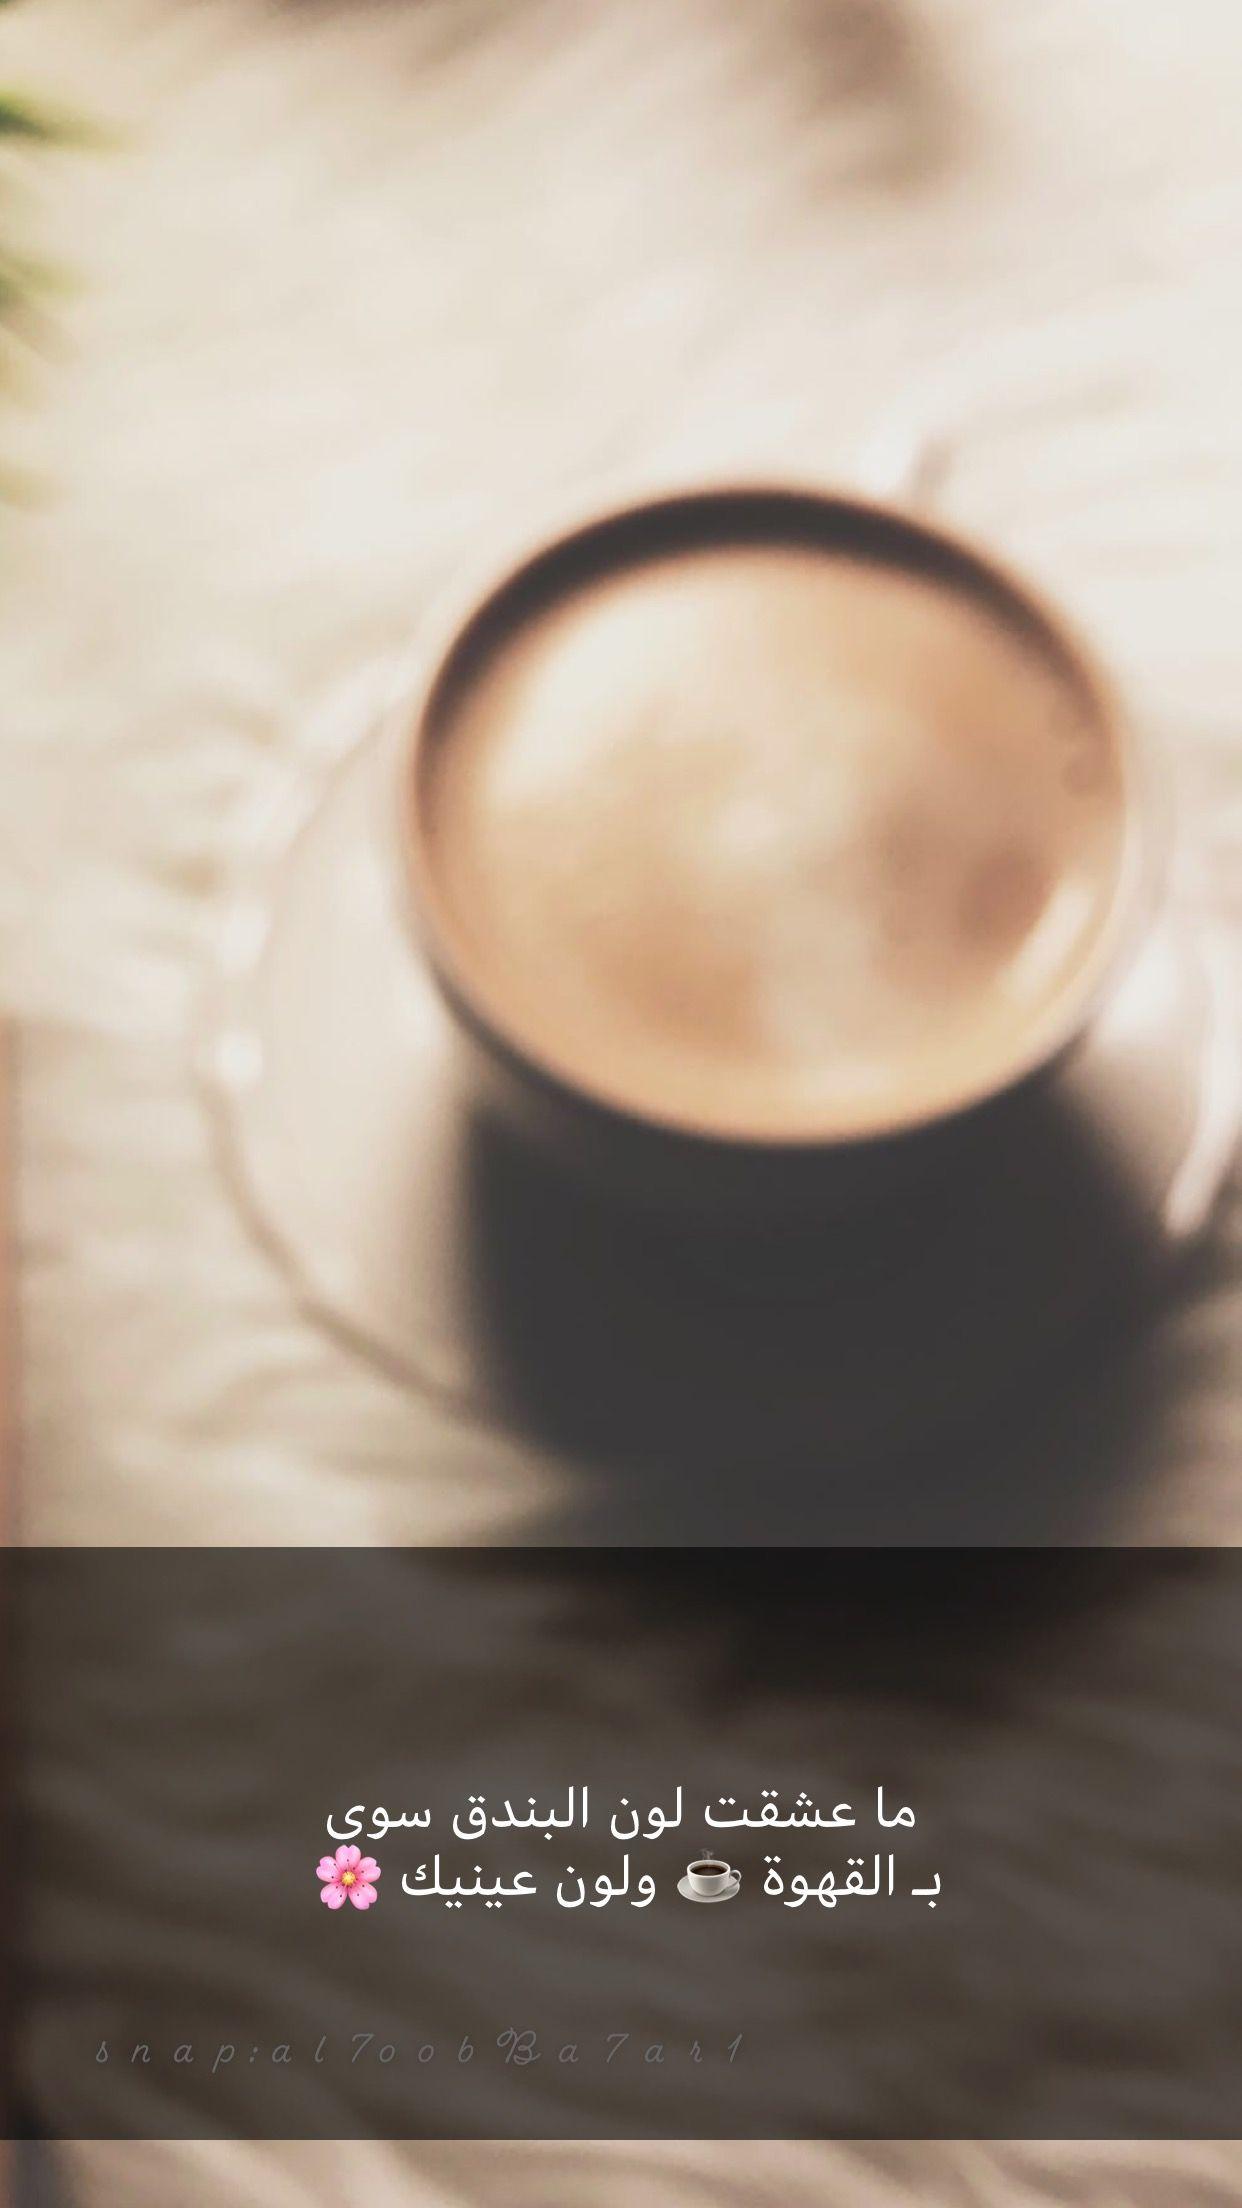 همسة ما عشقت لون البندق سوى بـ القهوة ولون عينيك تصويري تصويري سناب تصميمي تصميم وقت قهوة كوفي بندق Coffee Qoutes Love Words Words